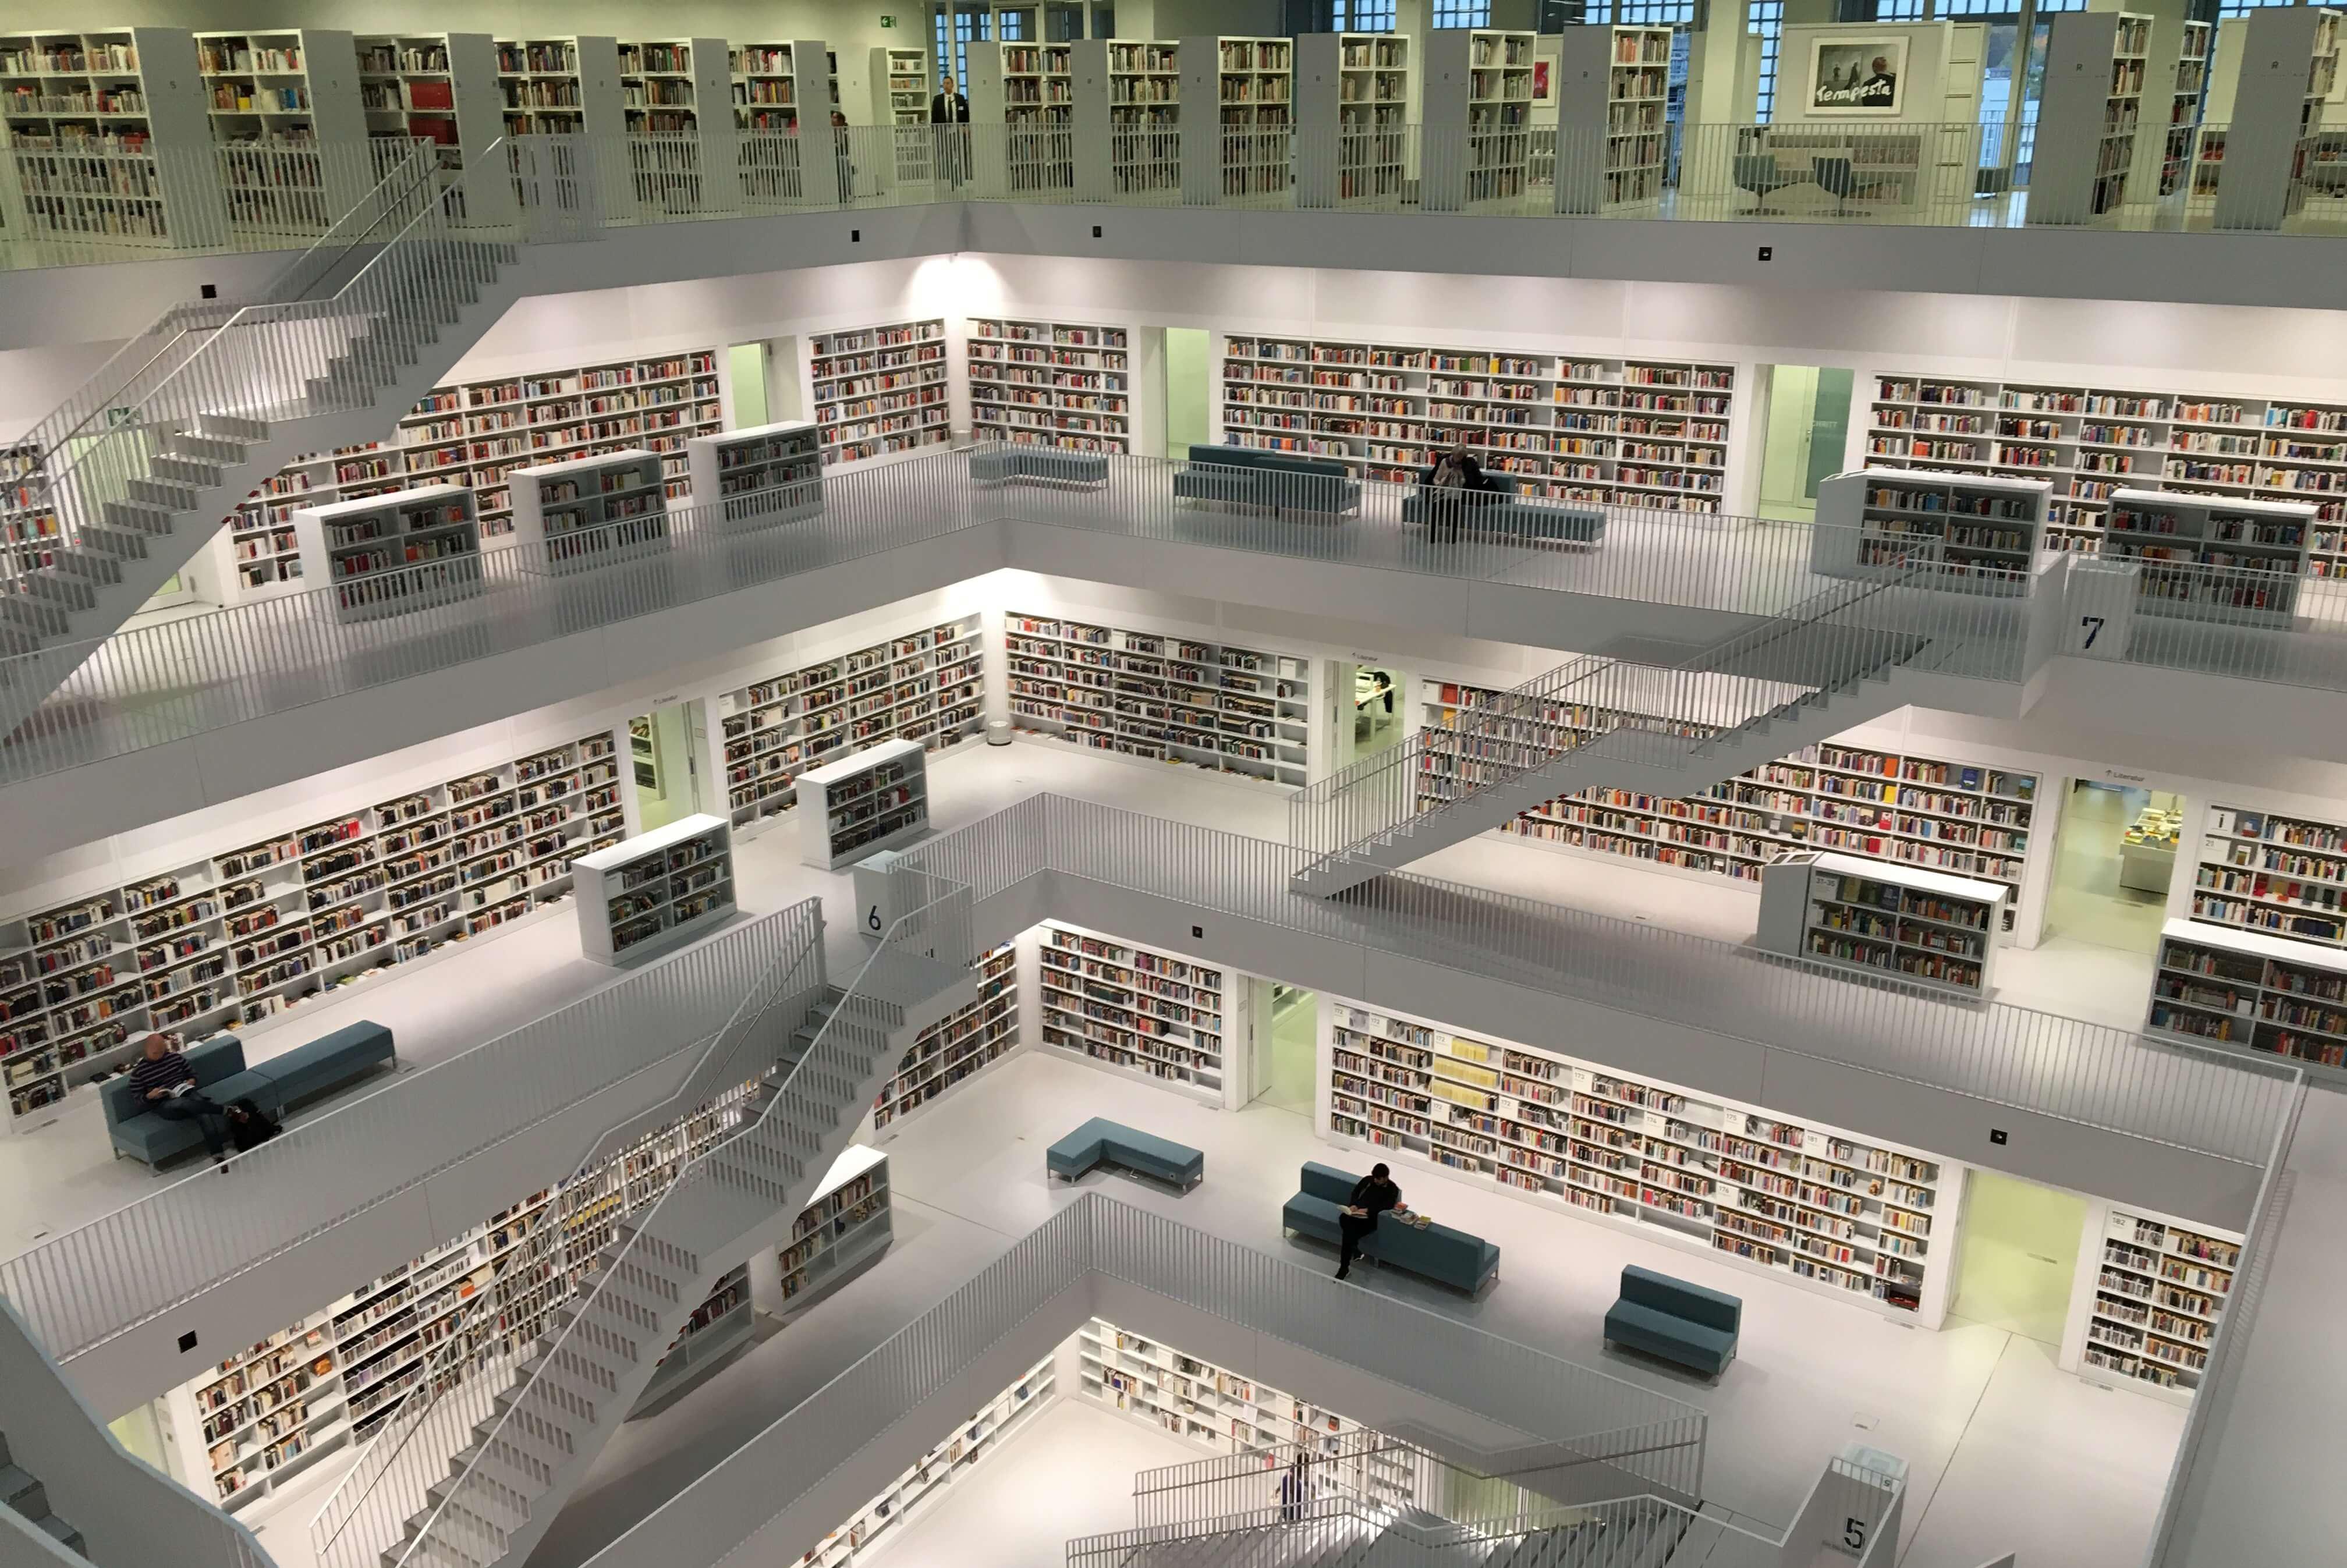 Сховище книг чи центр спільнот: куди рухаються українські бібліотеки